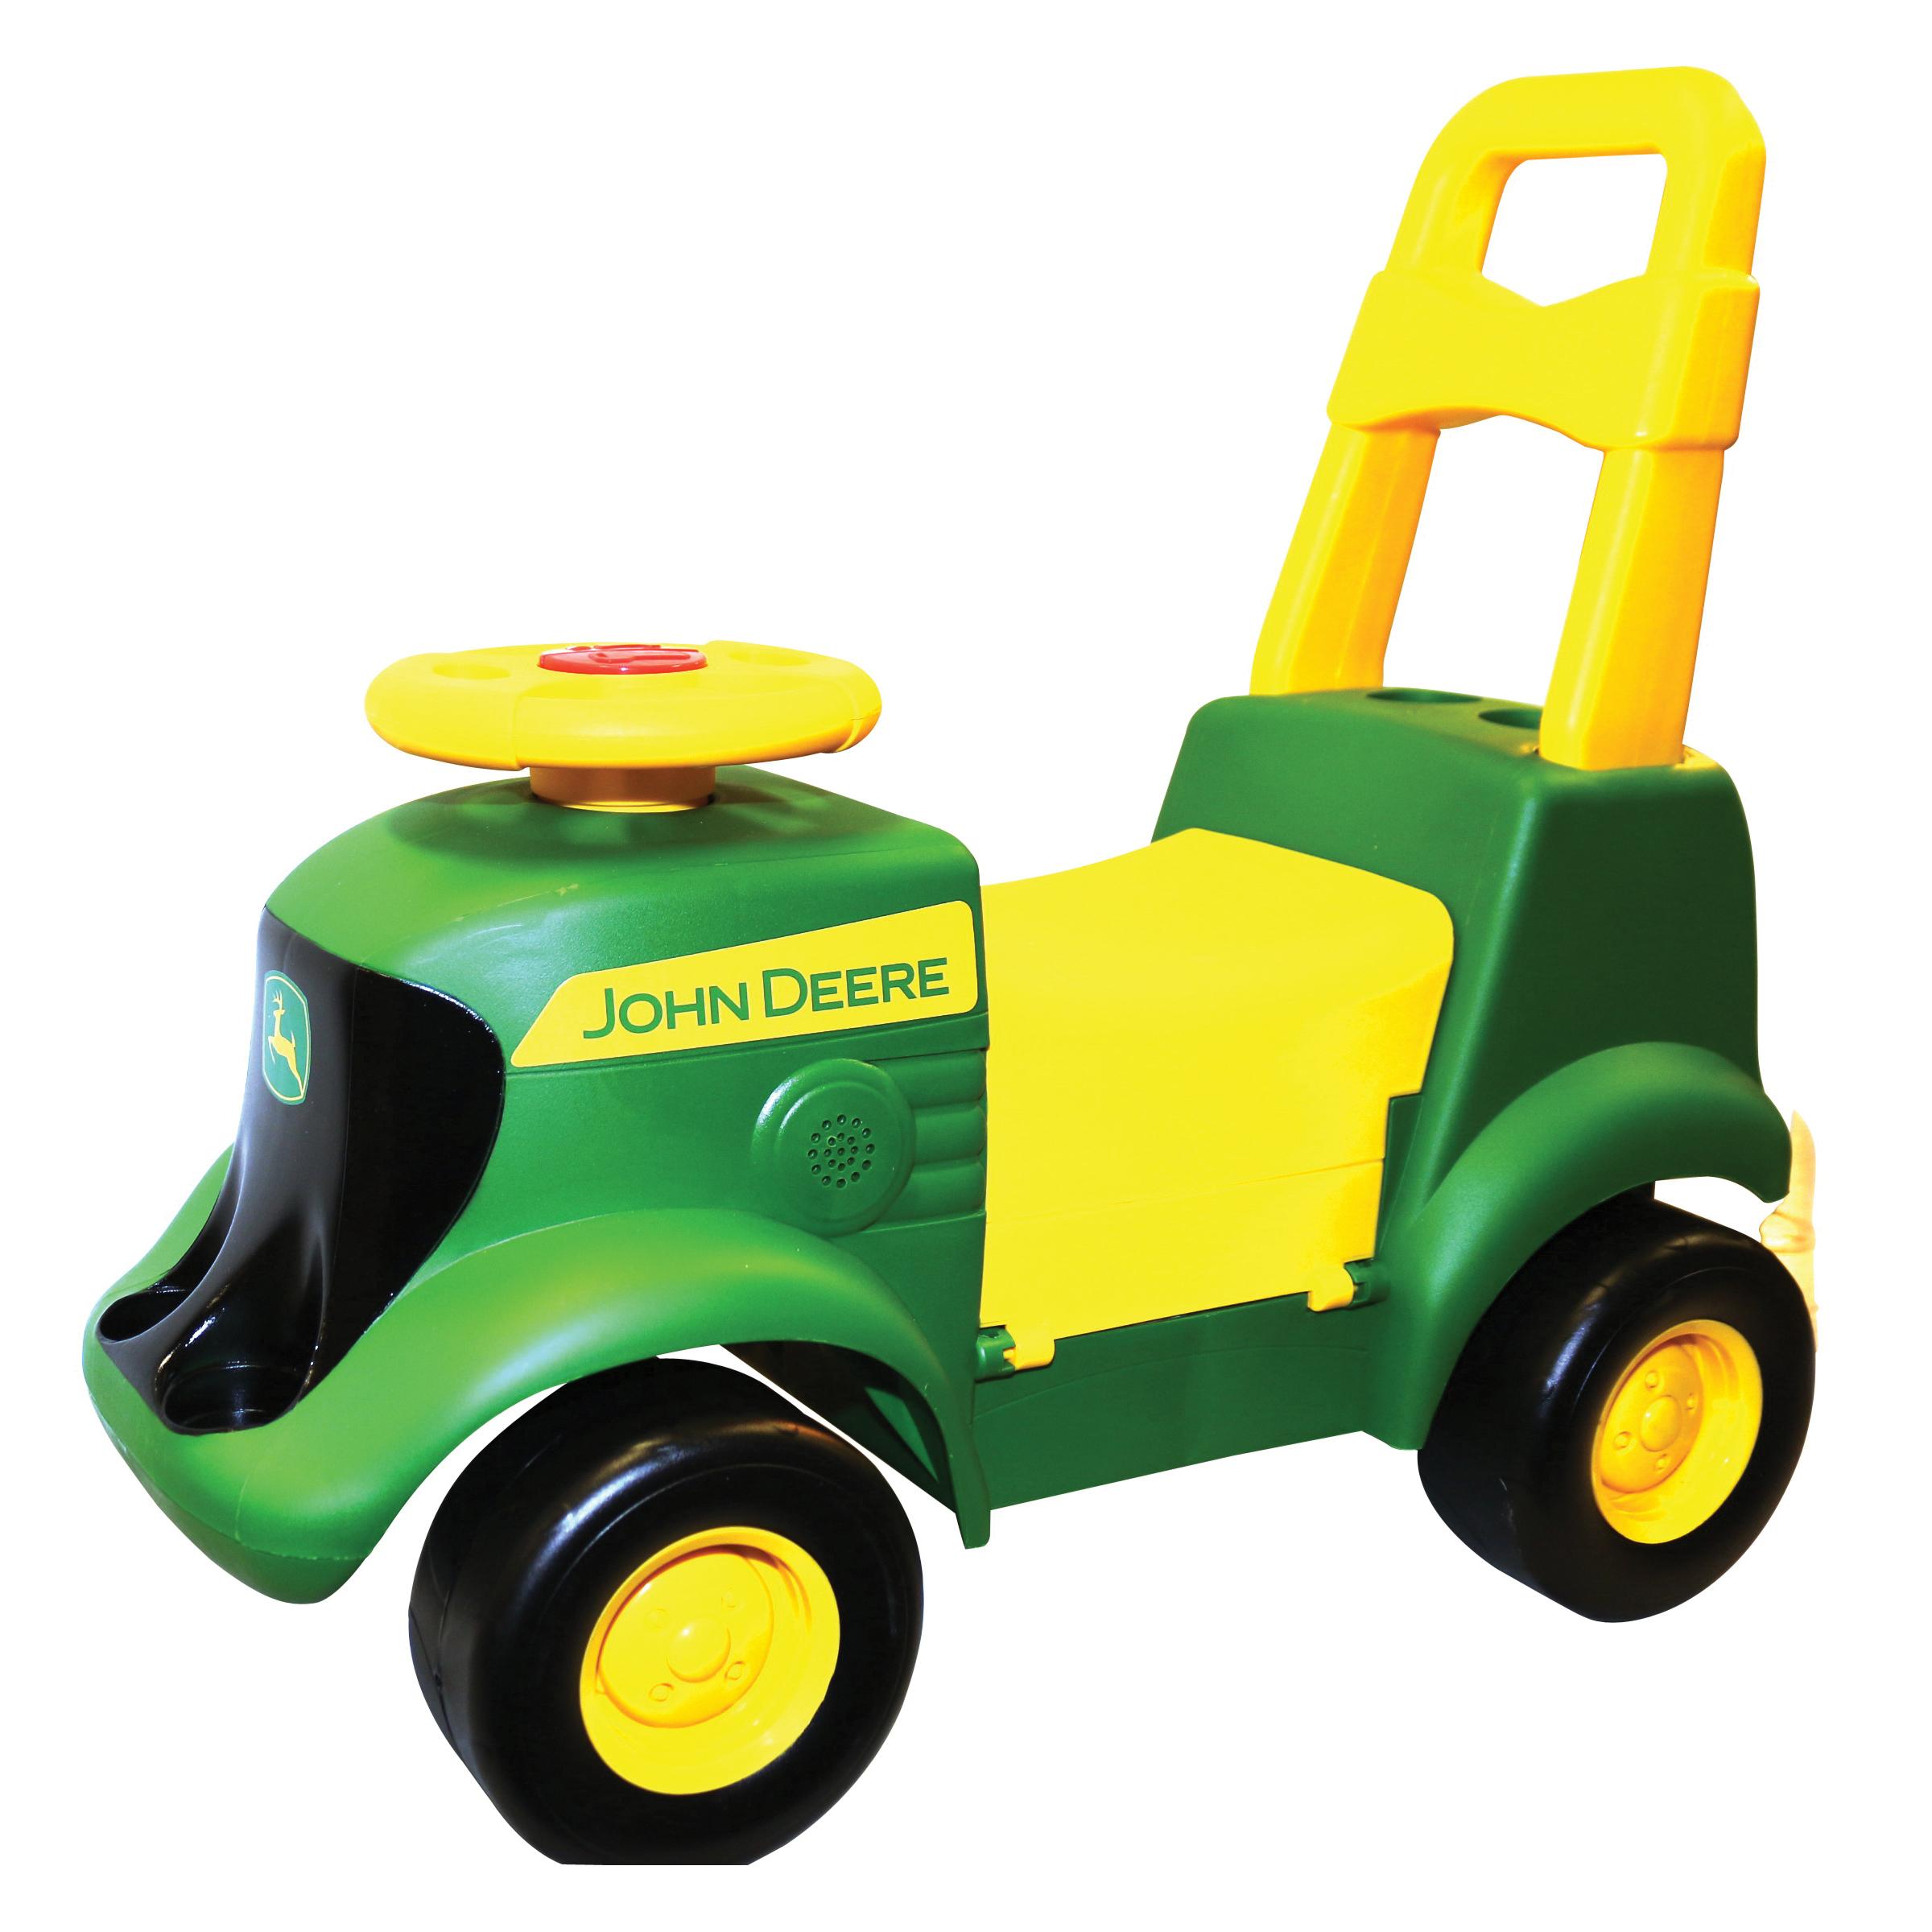 John Deere Toys 35206